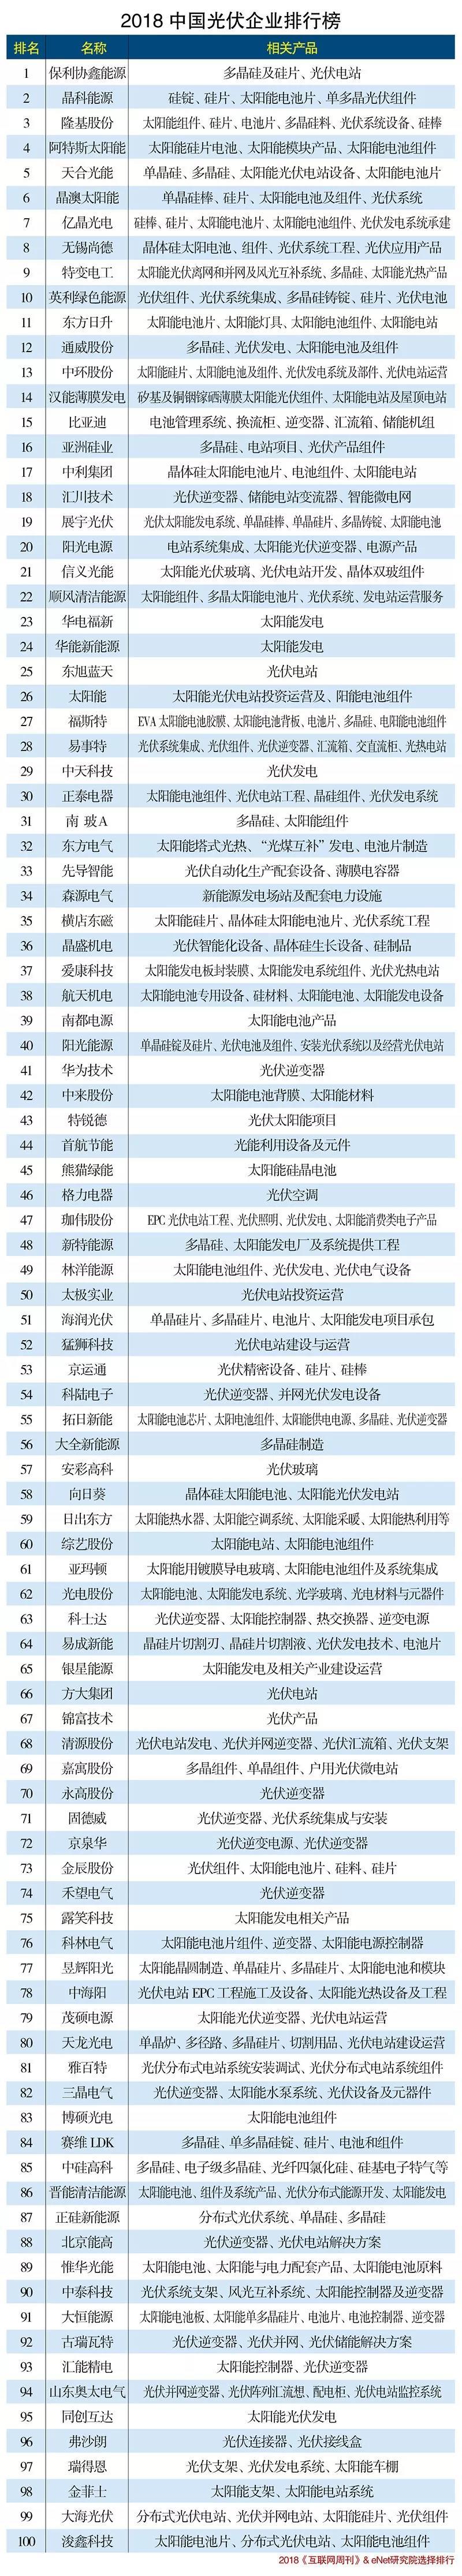 2018企业排名